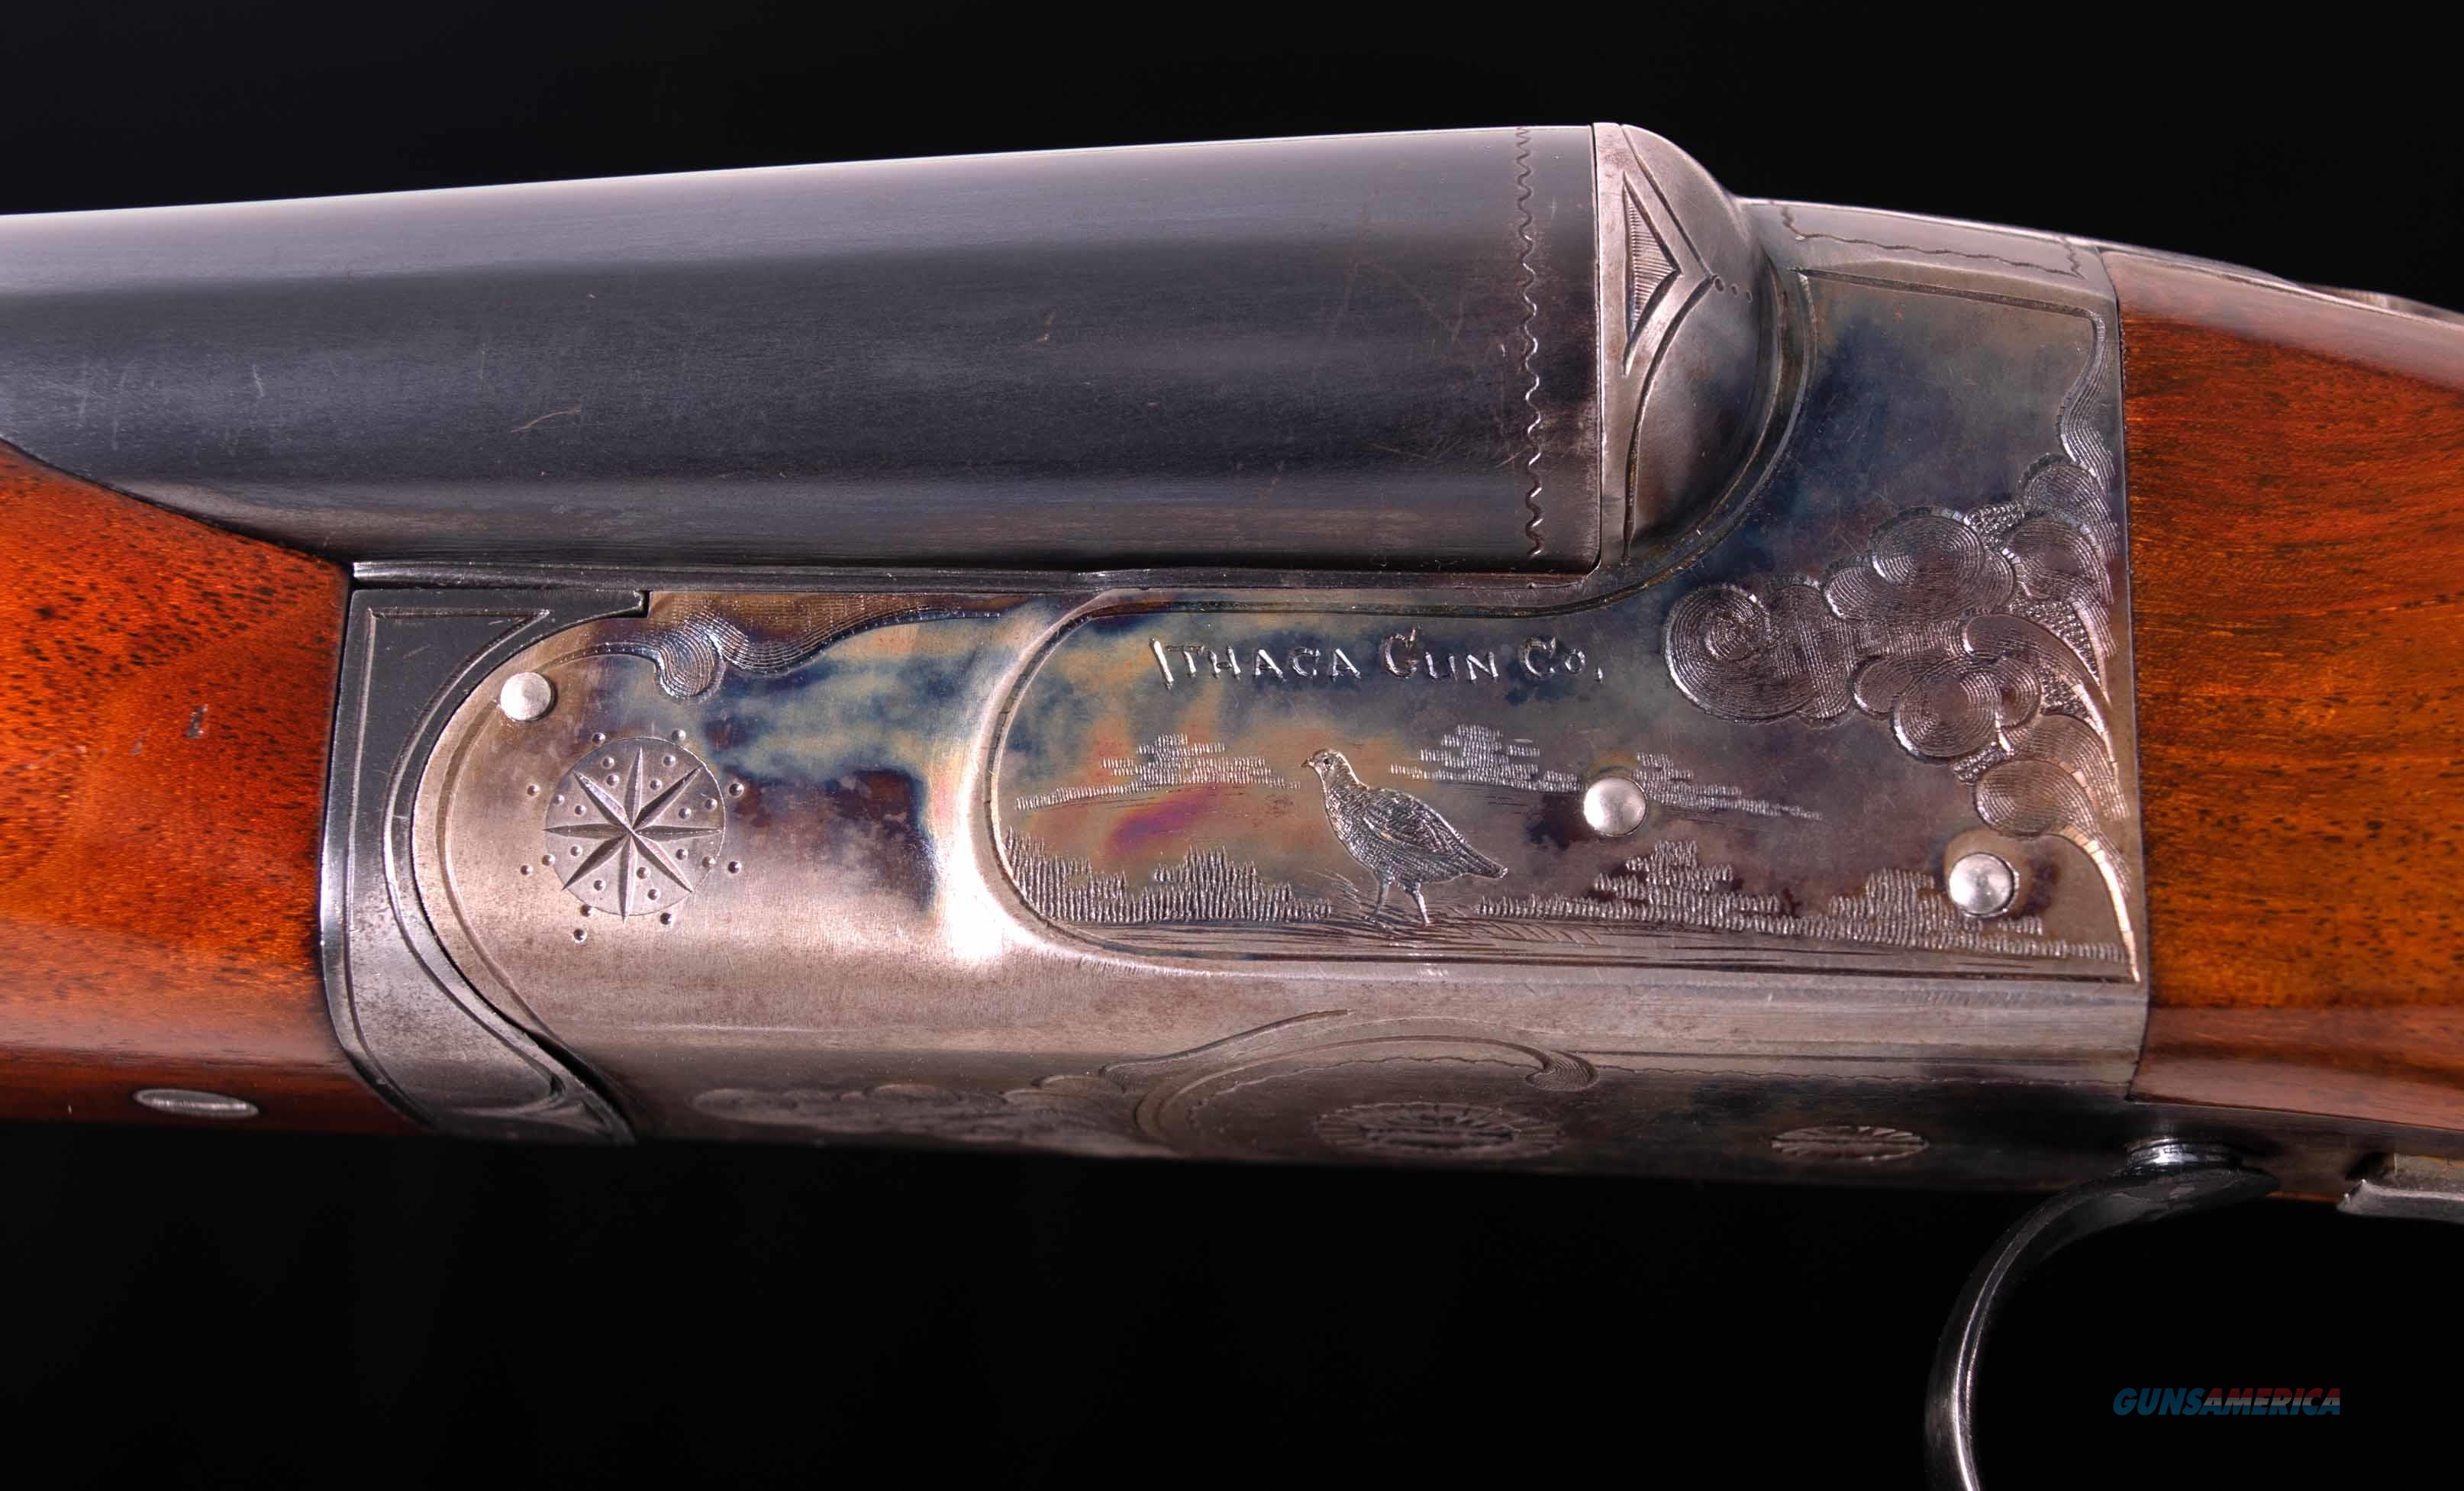 Ithaca Grade 2E 16 Gauge - NID SKEET GUN, RARE GUN, vintage firearms inc